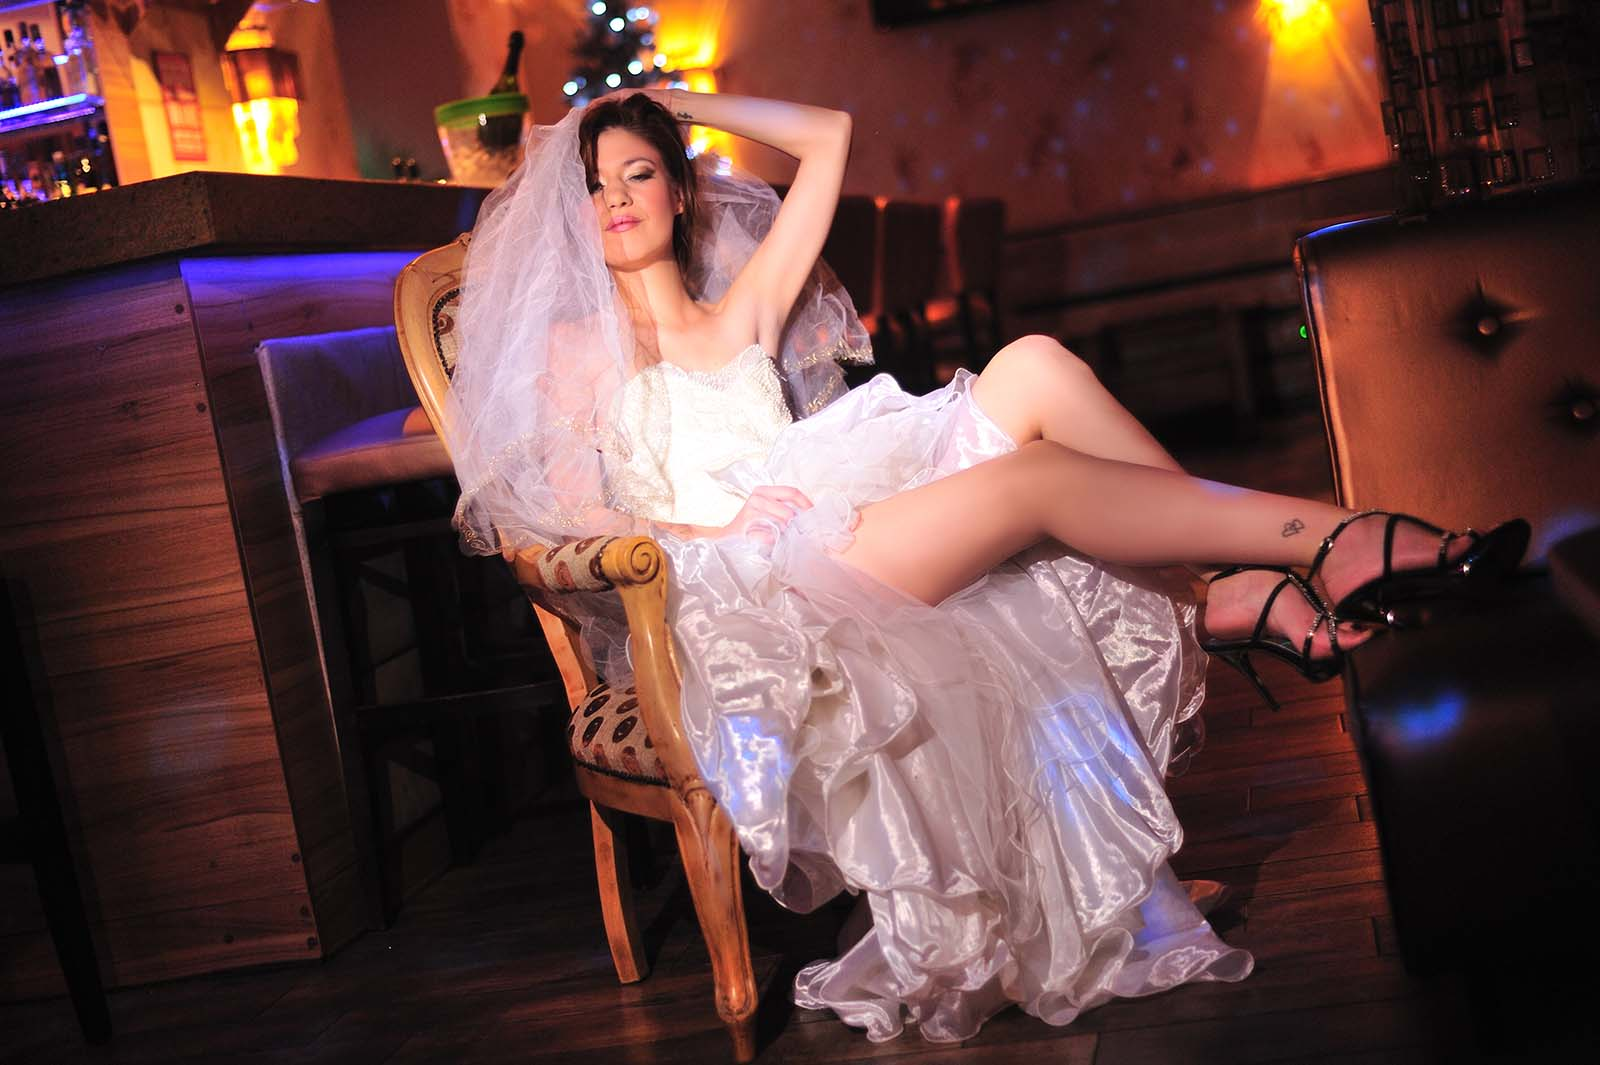 Marilyn Night Club sztriptízbár menyasszony show